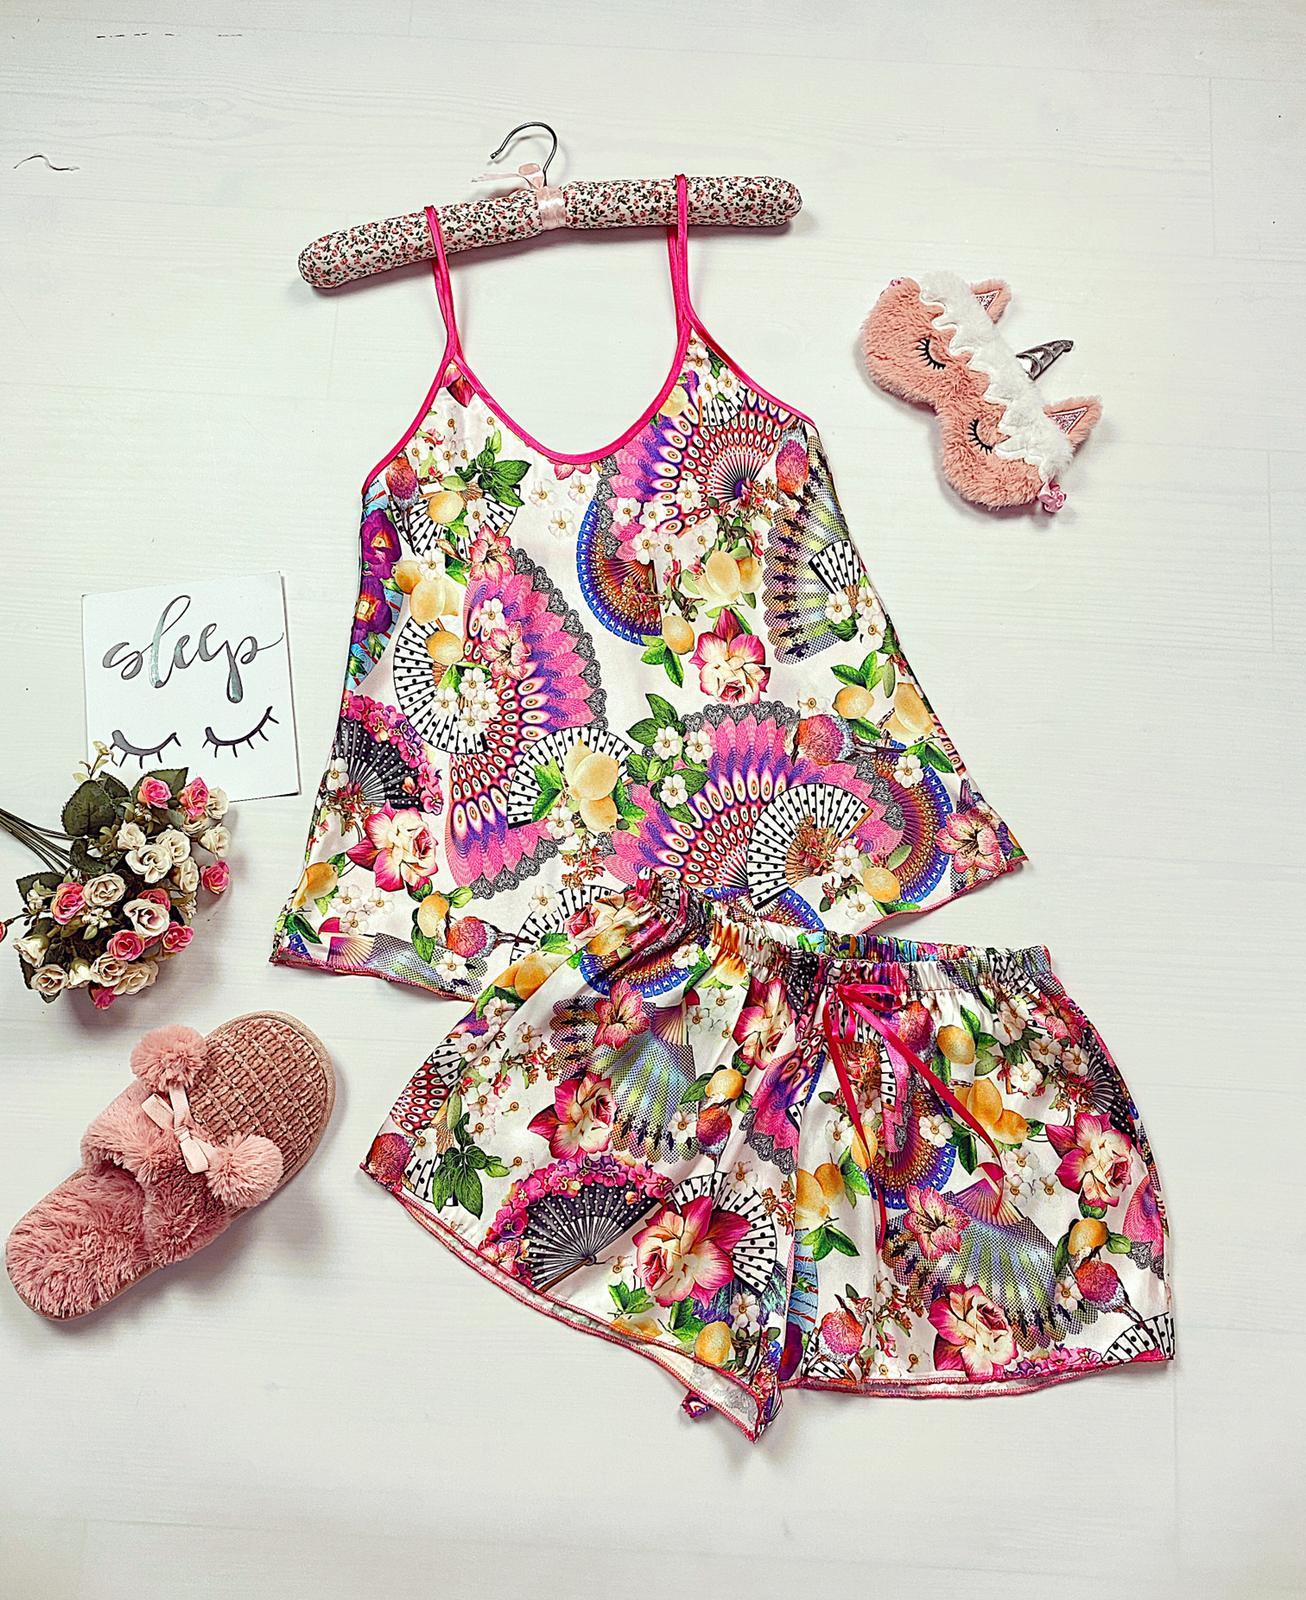 Compleu pijama scurt alb din satin cu imprimeu floral colorat